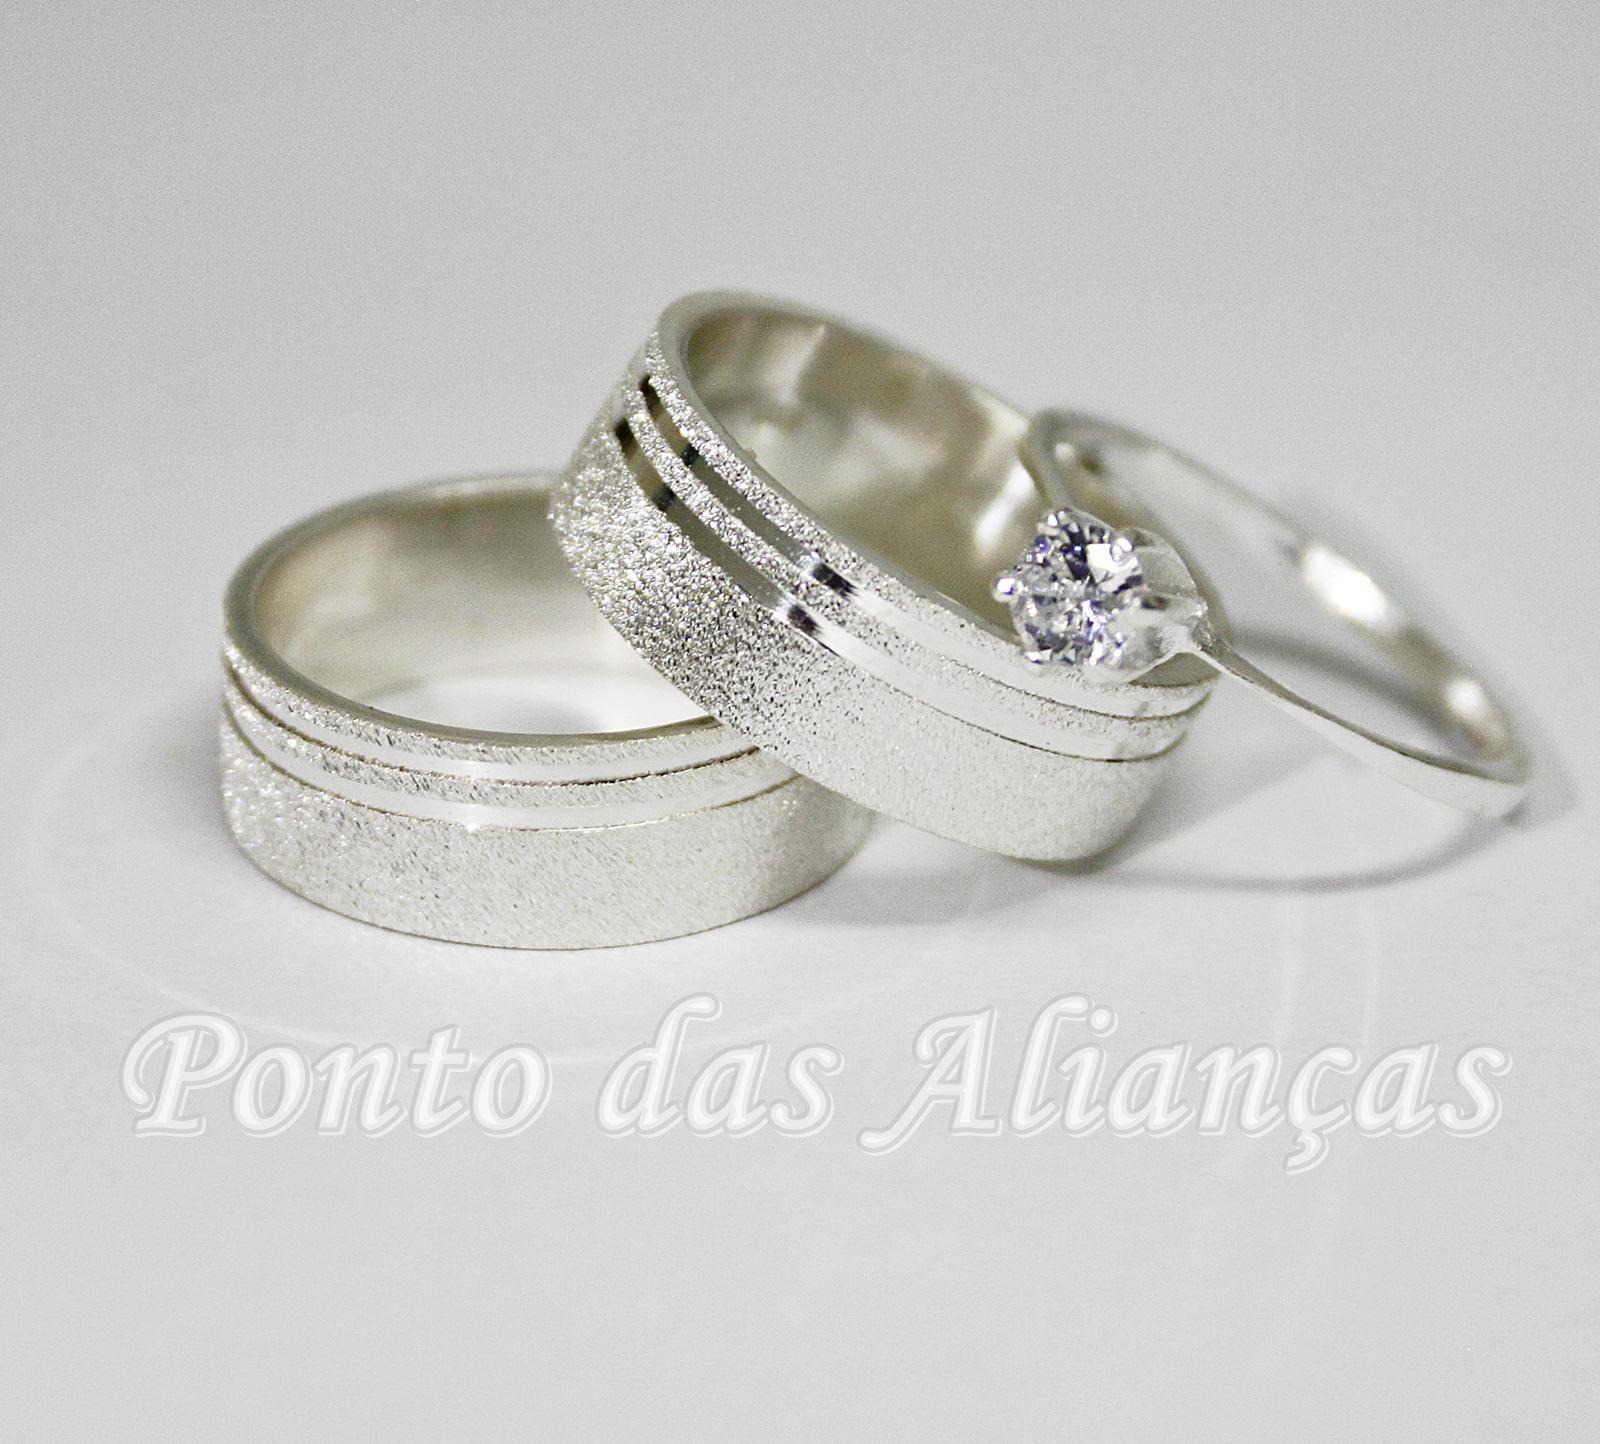 Alianças de Prata Compromisso - 3117